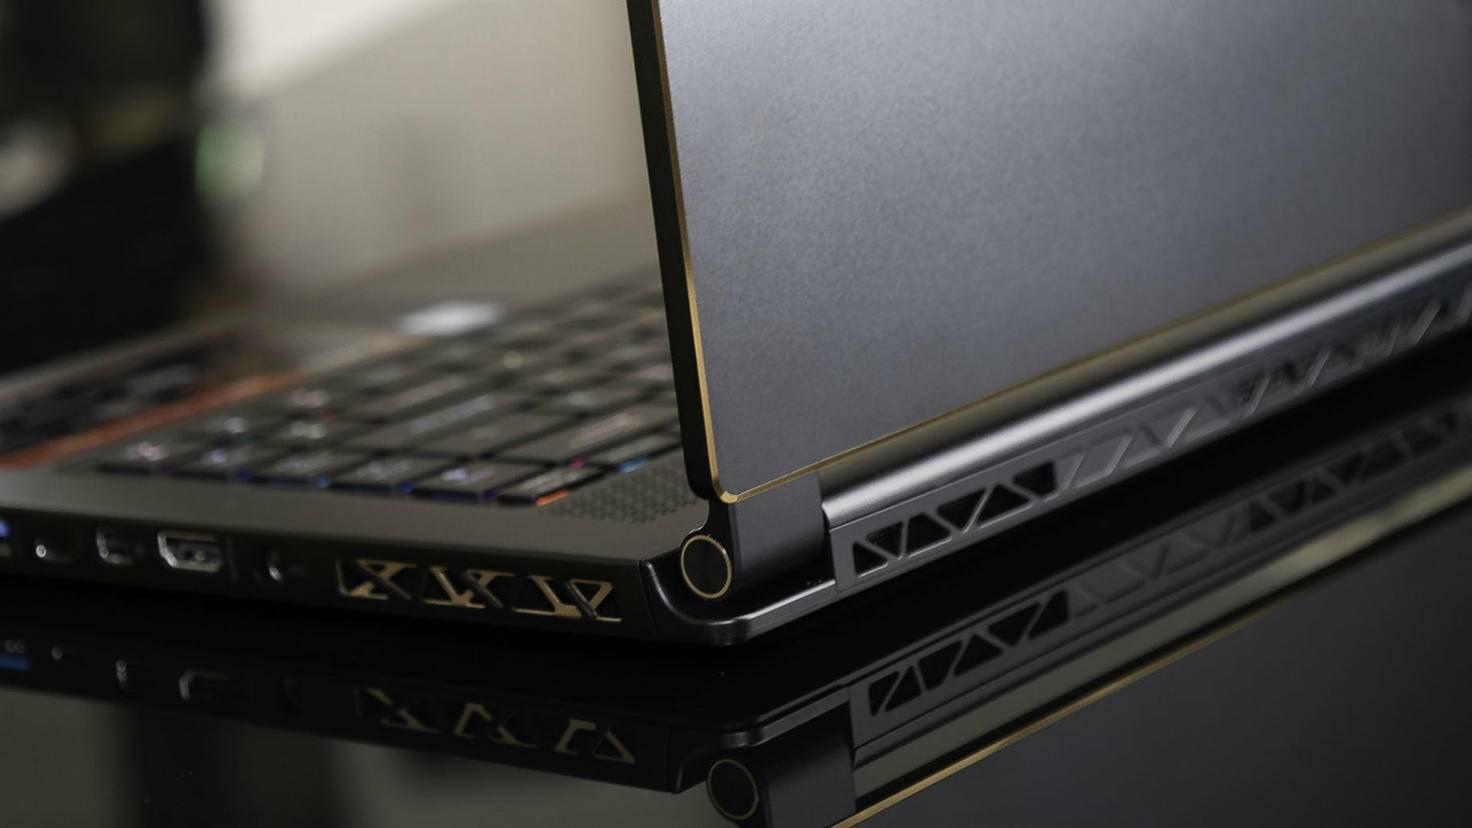 msi-gs65-gaming-laptop-06